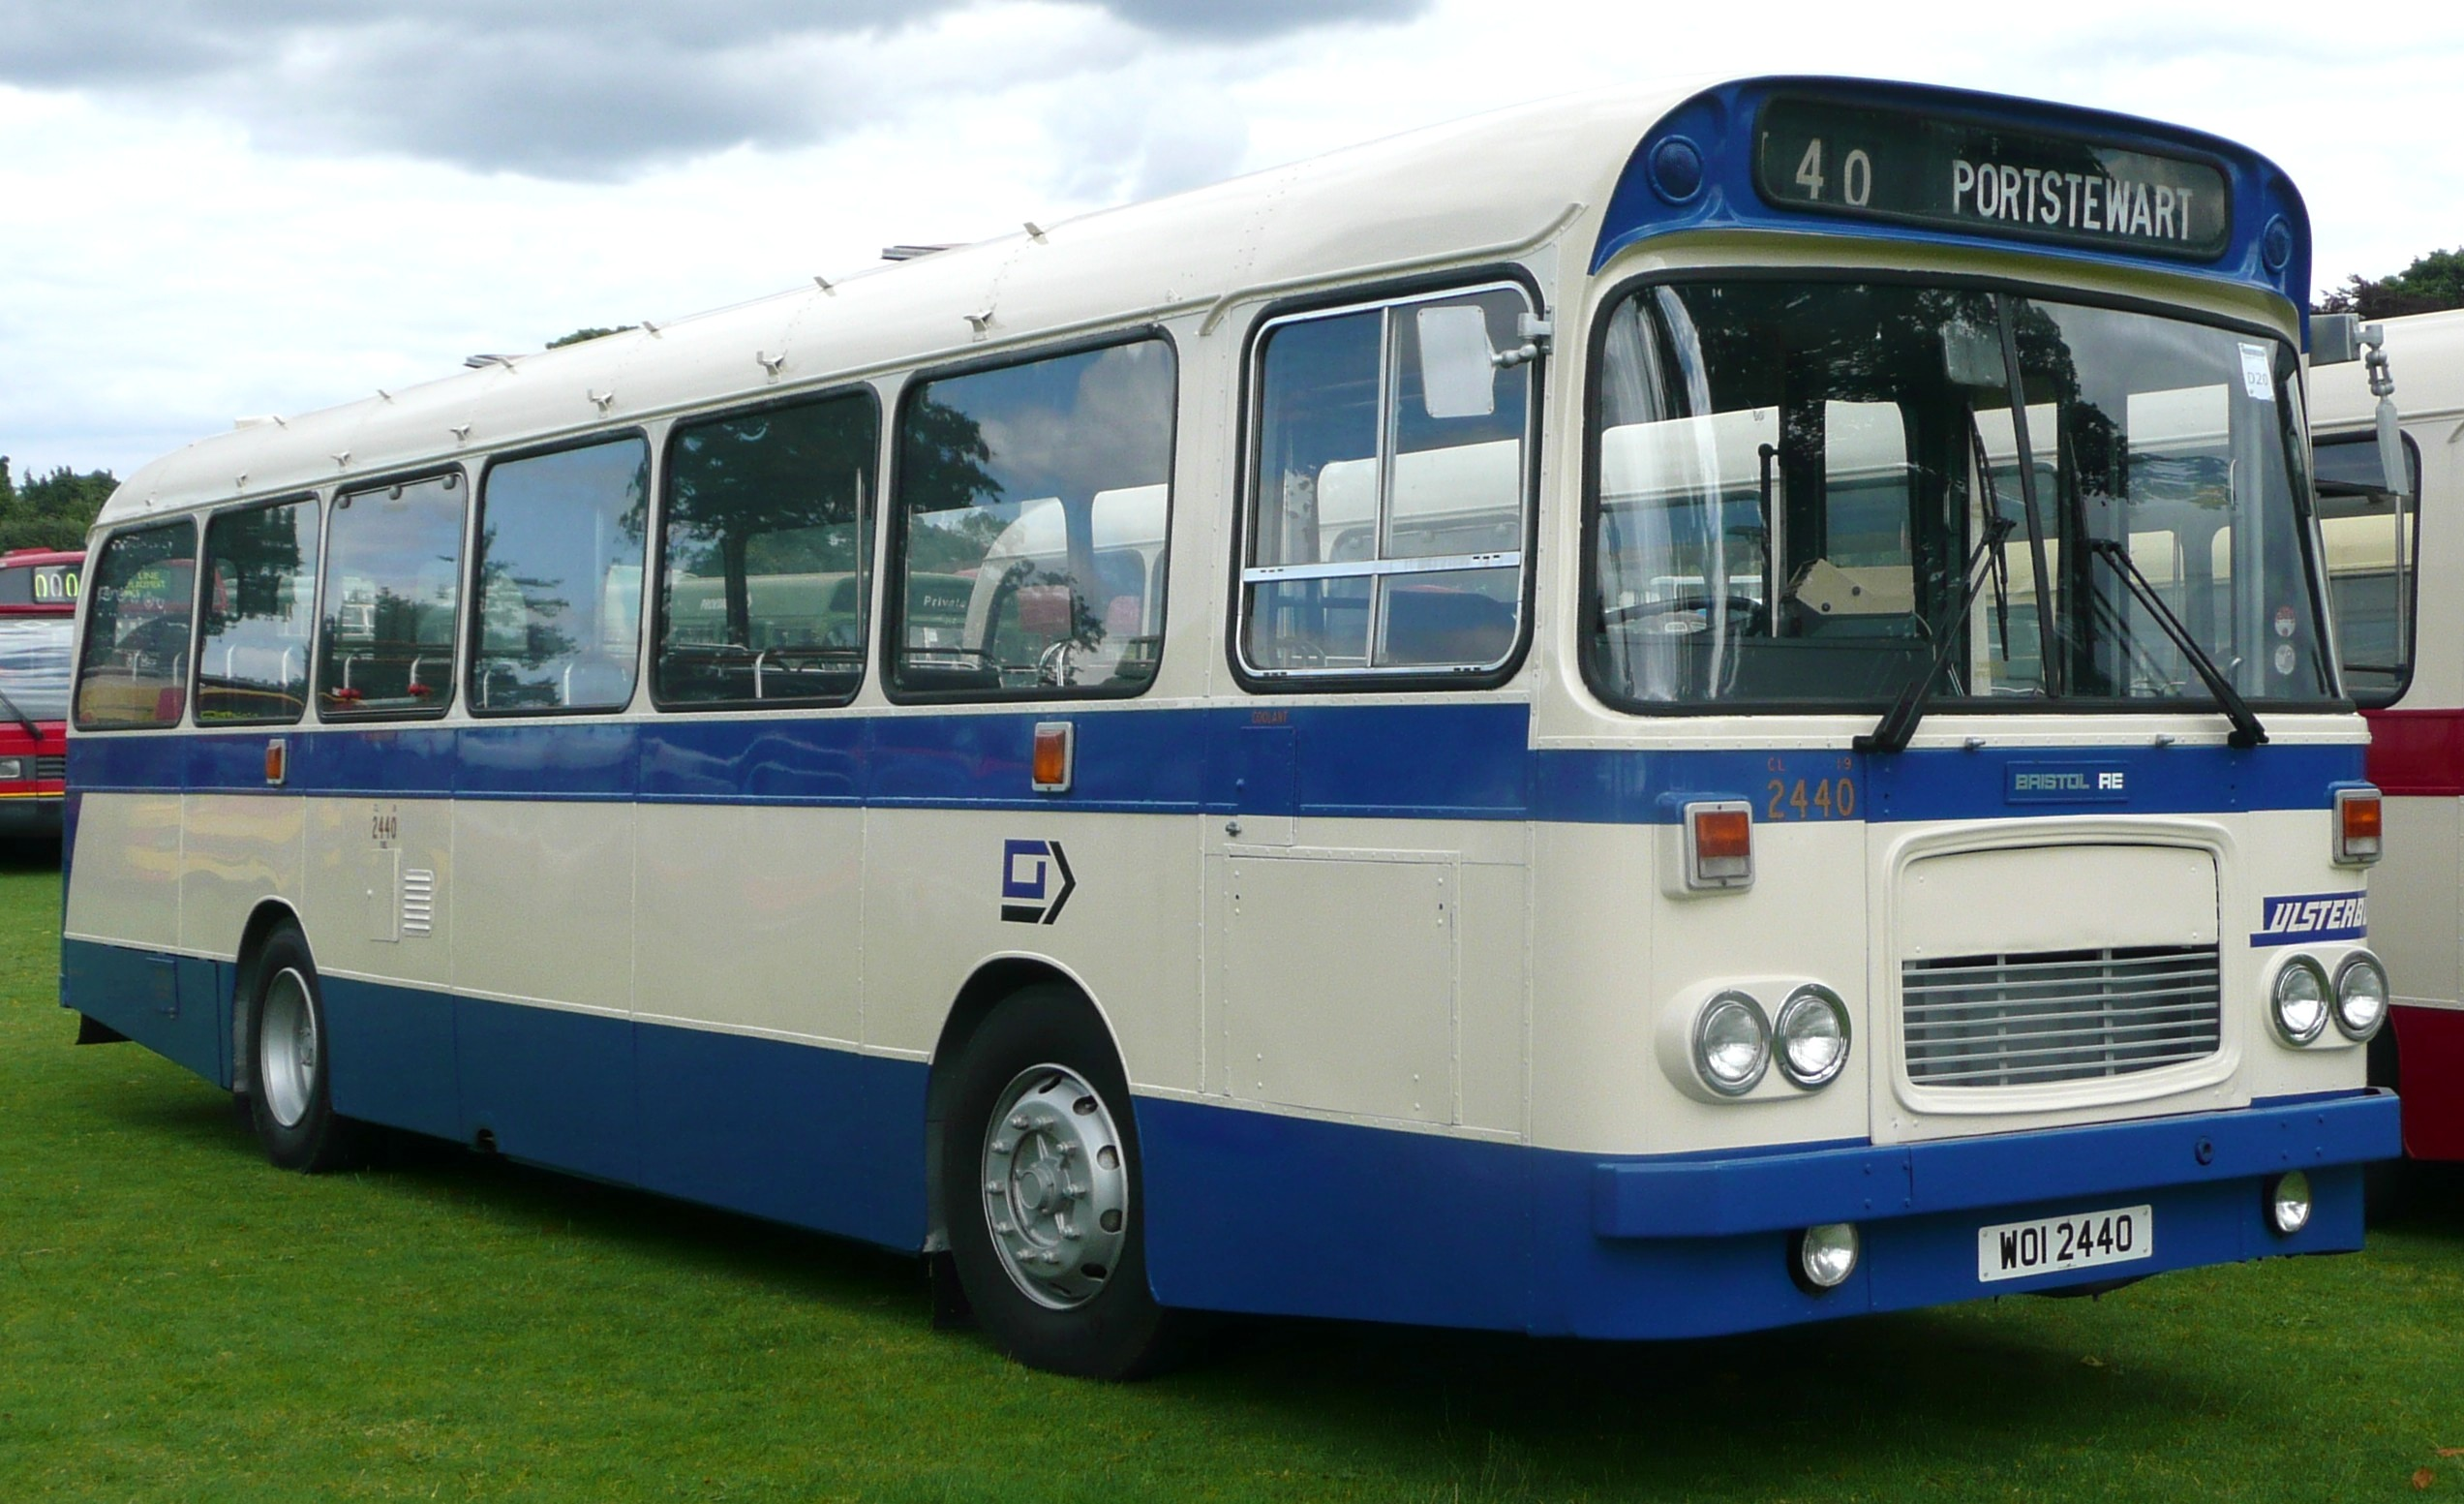 File:Ulsterbus 2440 2.JPG